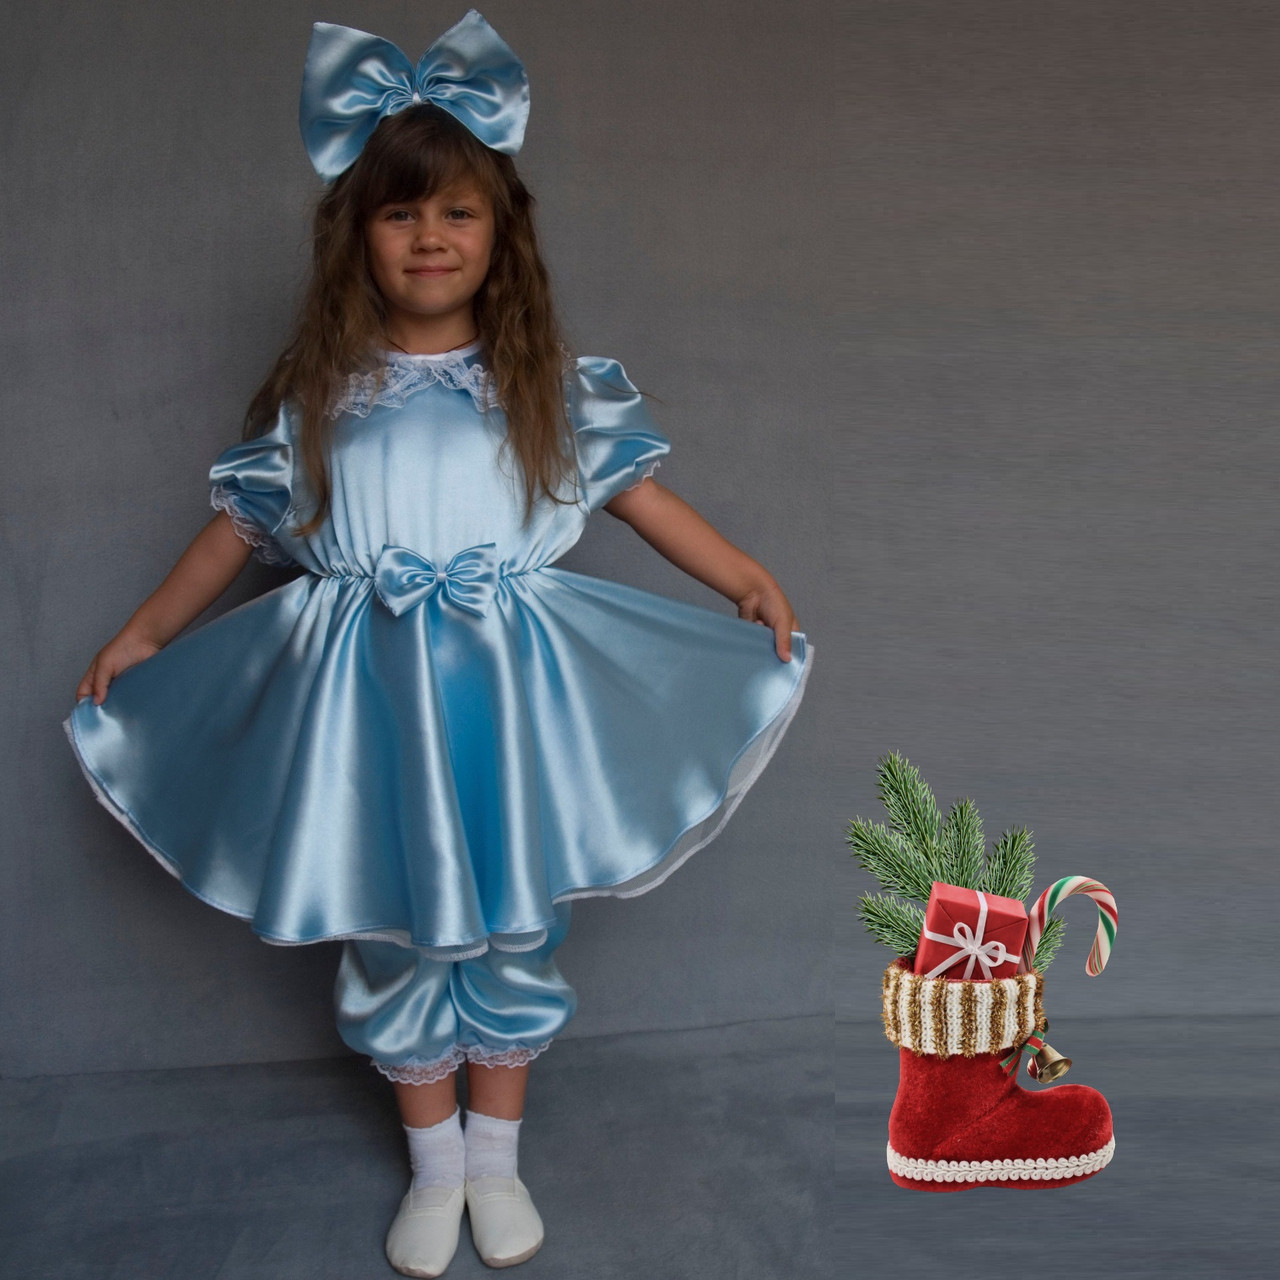 Детский карнавальный костюм для девочки  Мальвина - Голубой